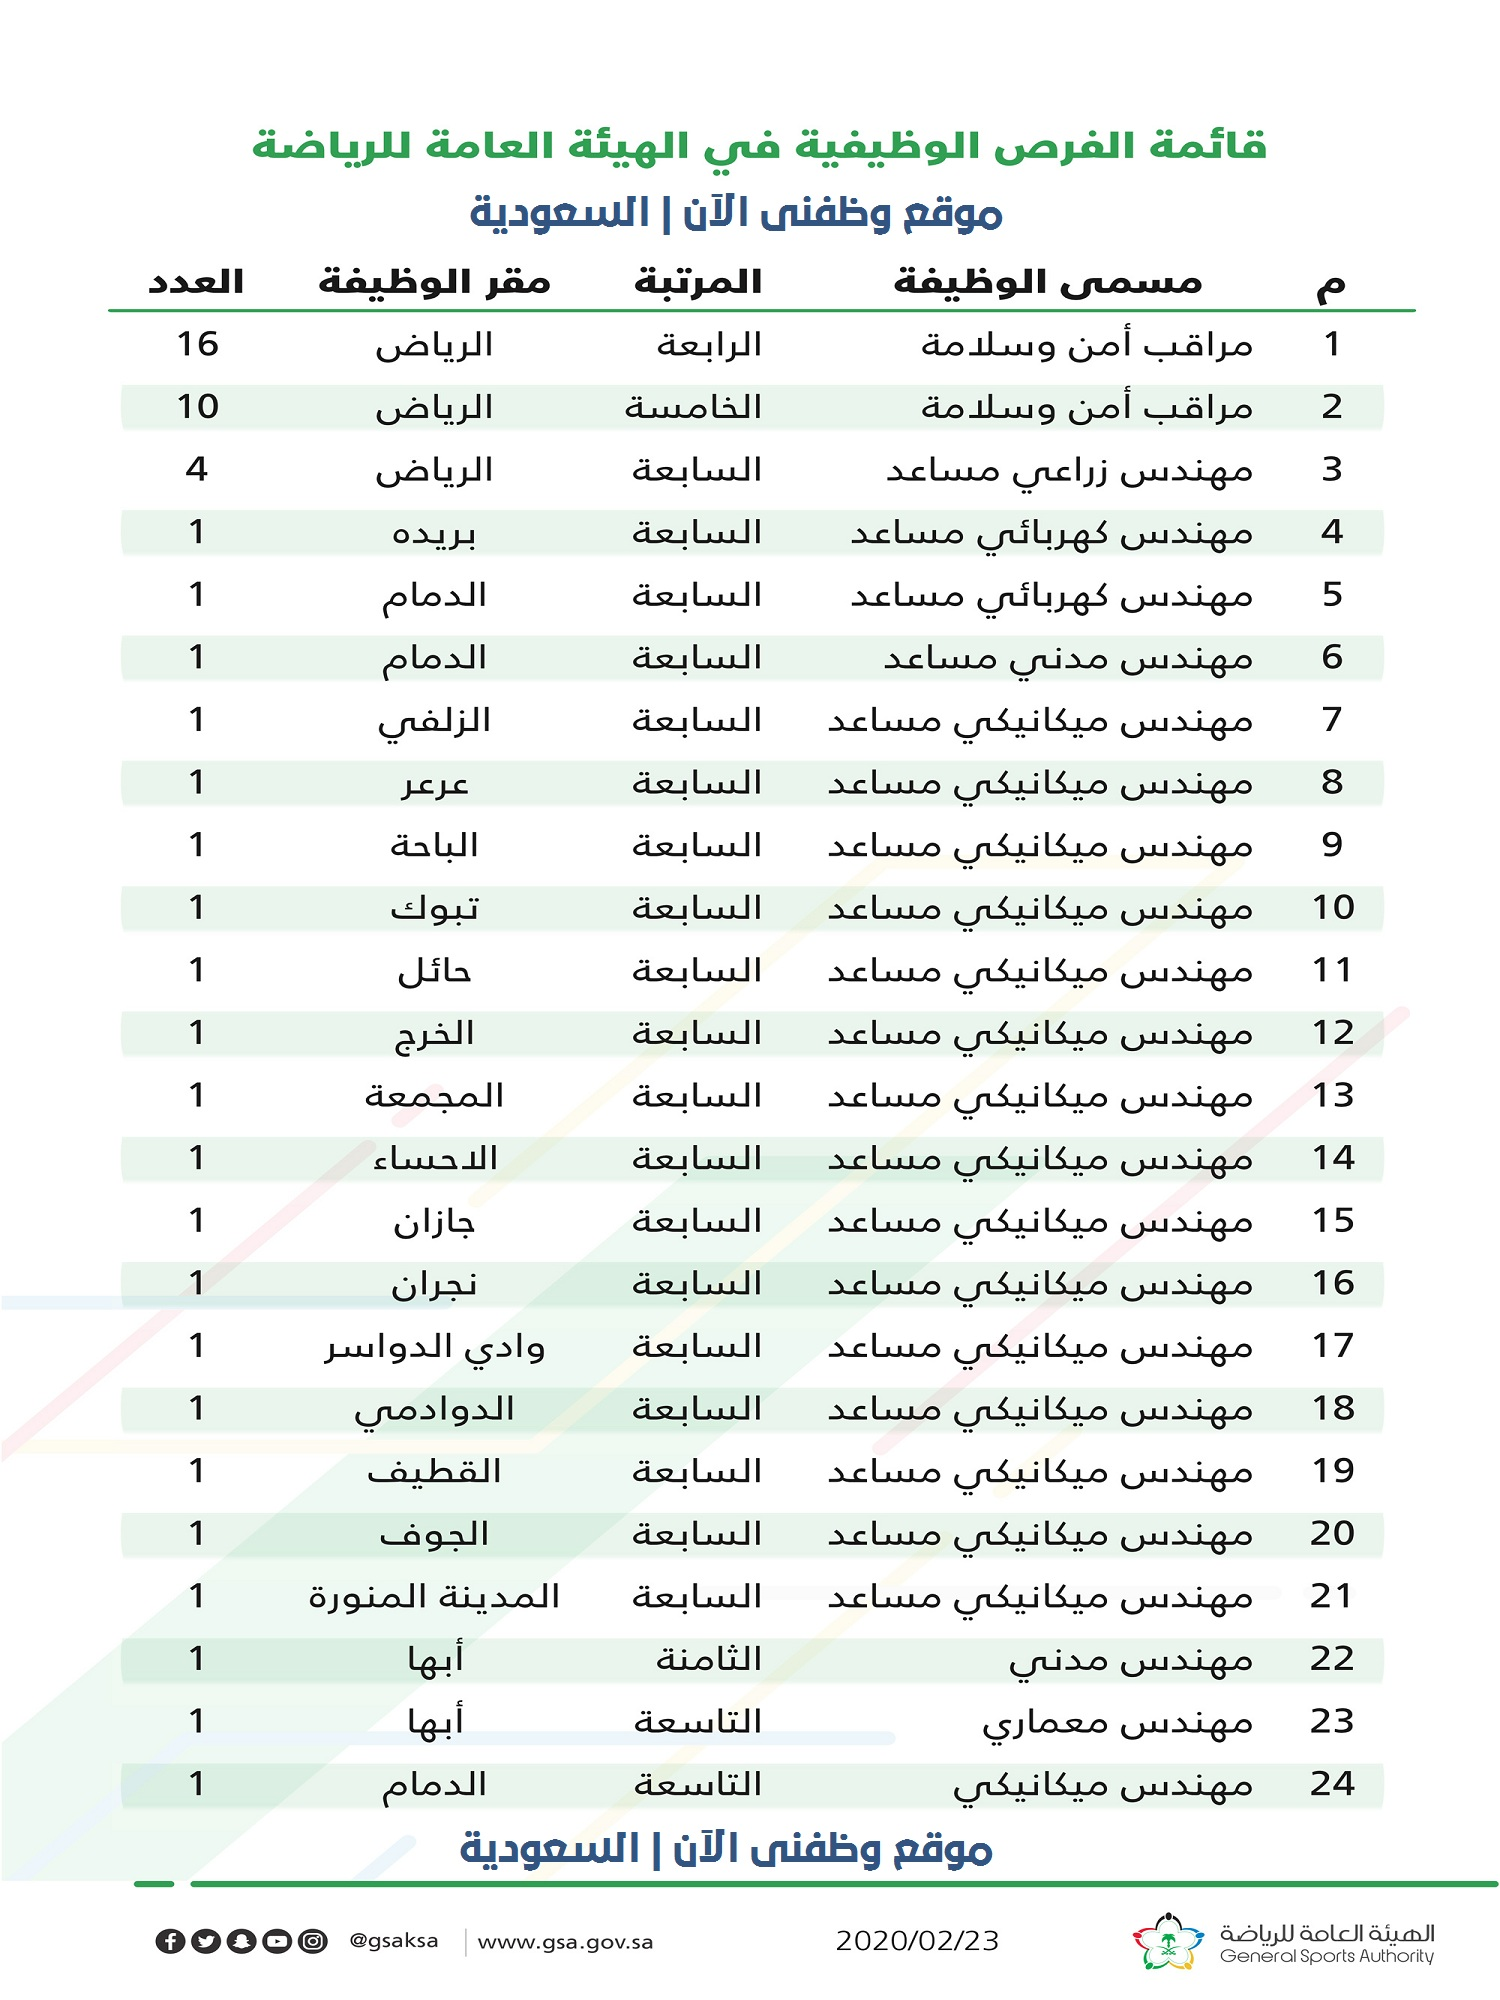 وظائف وزارة الرياضة السعودية